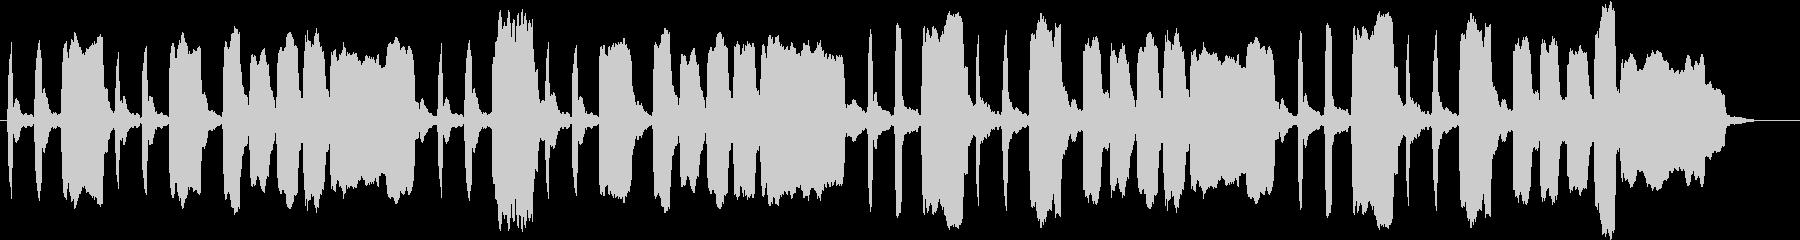 ほのぼのした場面などに使える短い曲の未再生の波形